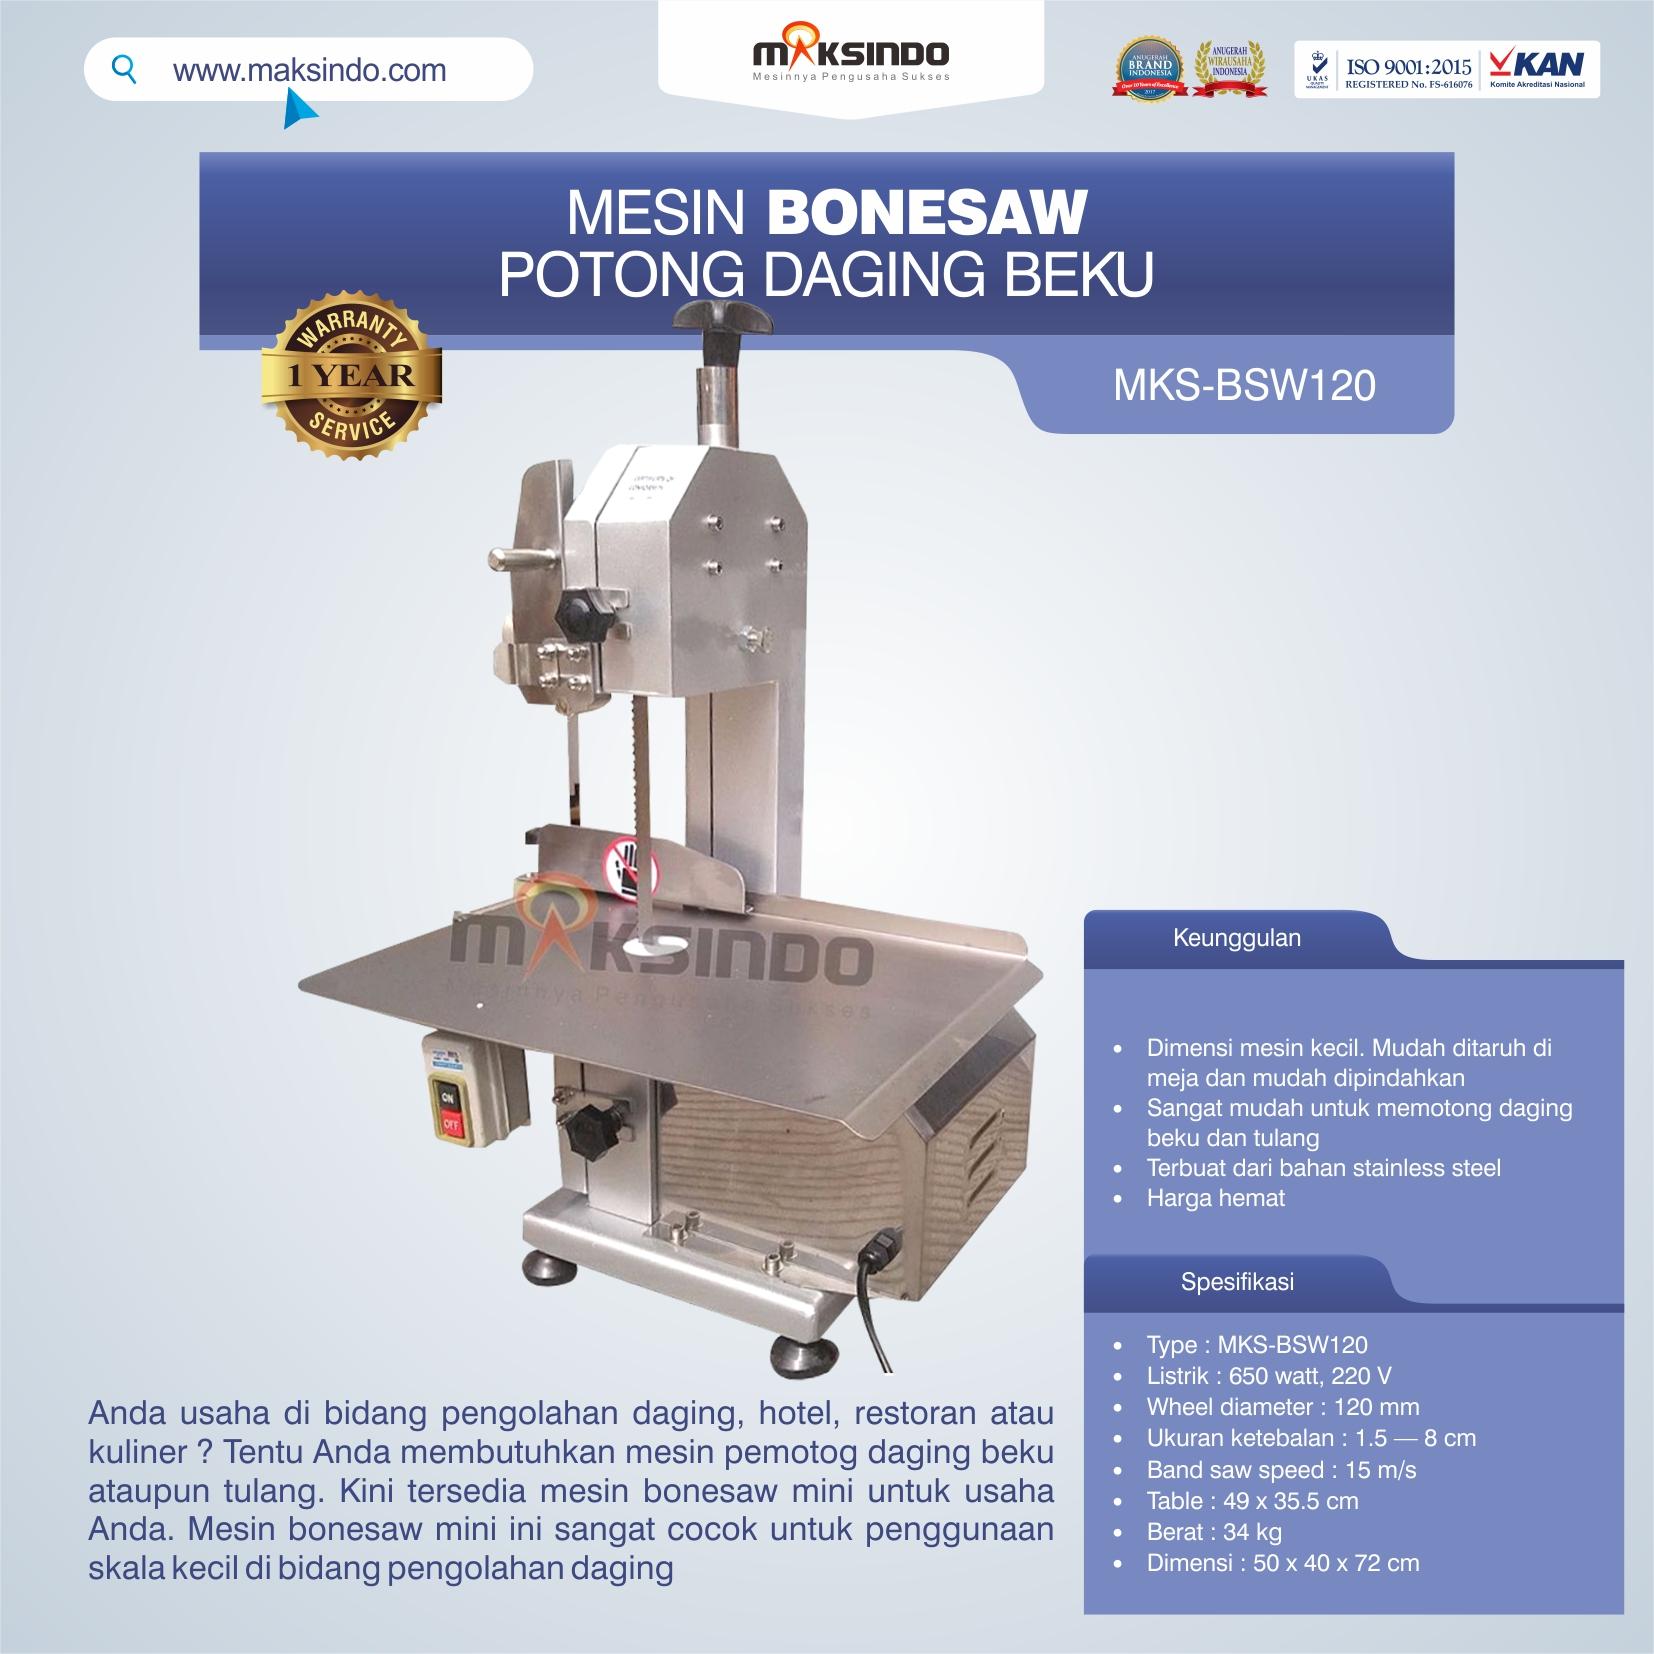 Bonesaw Pemotong Daging Beku (MKS-BSW120)